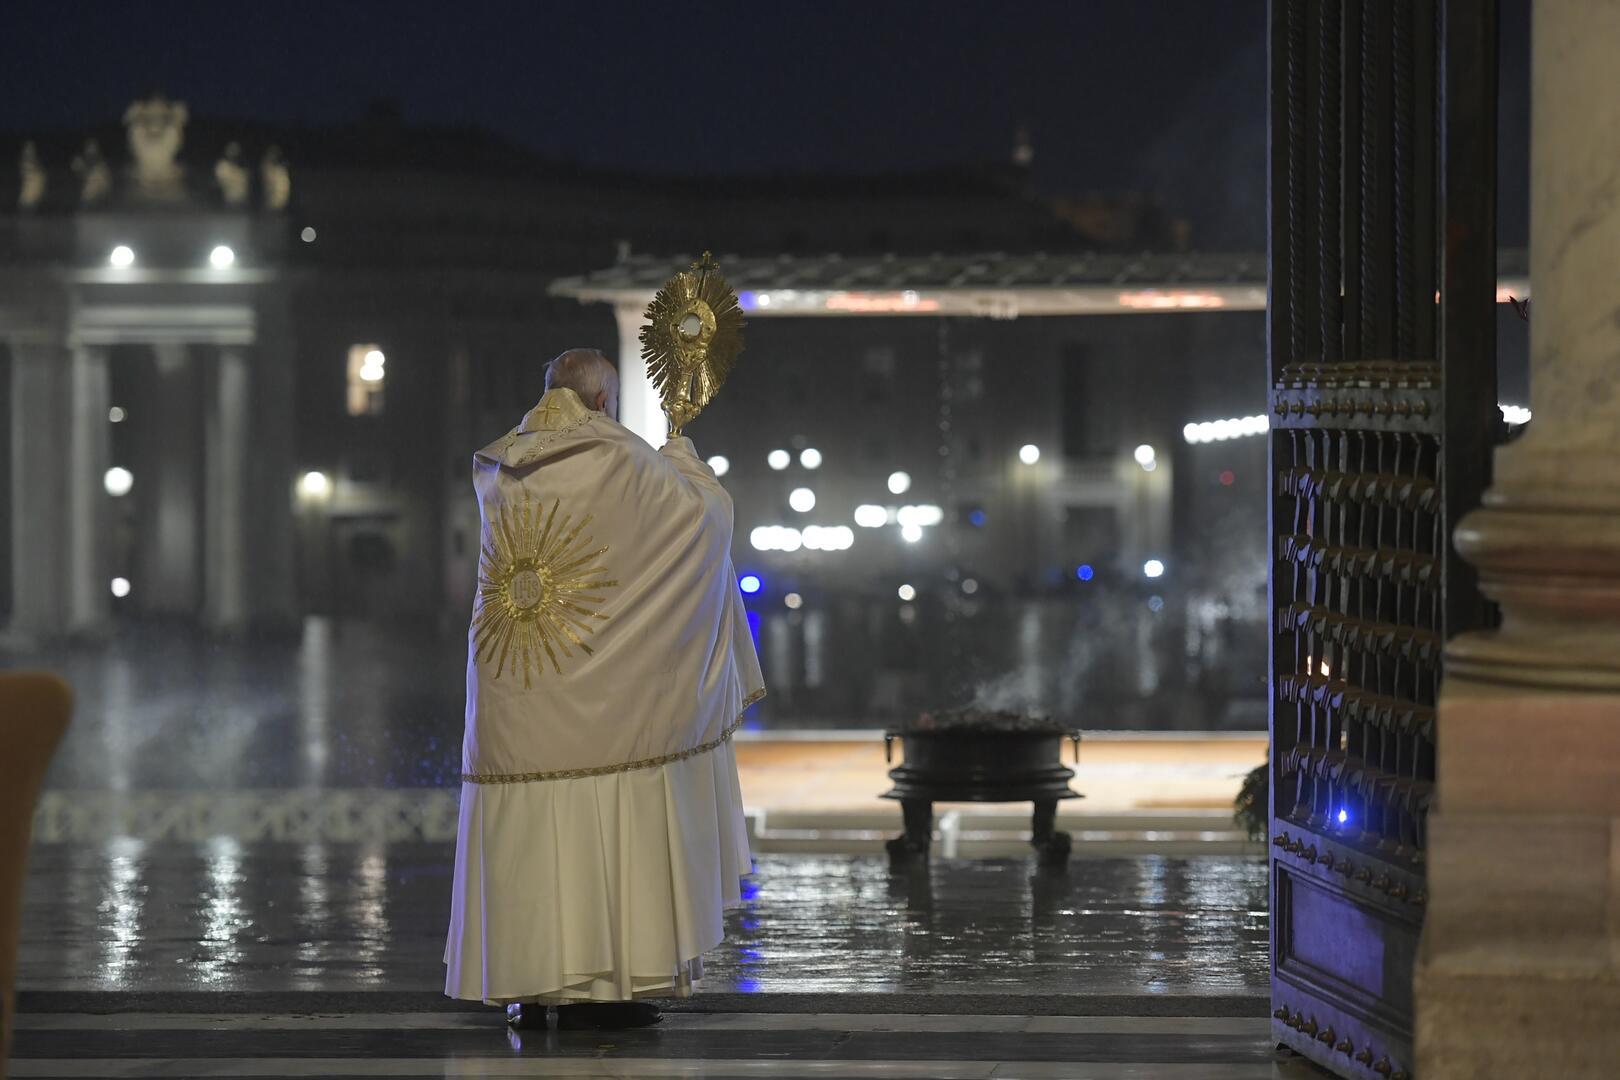 O papa Francisco segura a custódia enquanto entrega sua extraordinária bênção urbi et orbi (à cidade e ao mundo) durante um momento de oração no pórtico da Basílica de São Pedro no Vaticano em 27 de março de 2020 (CNS/Vatican Media)